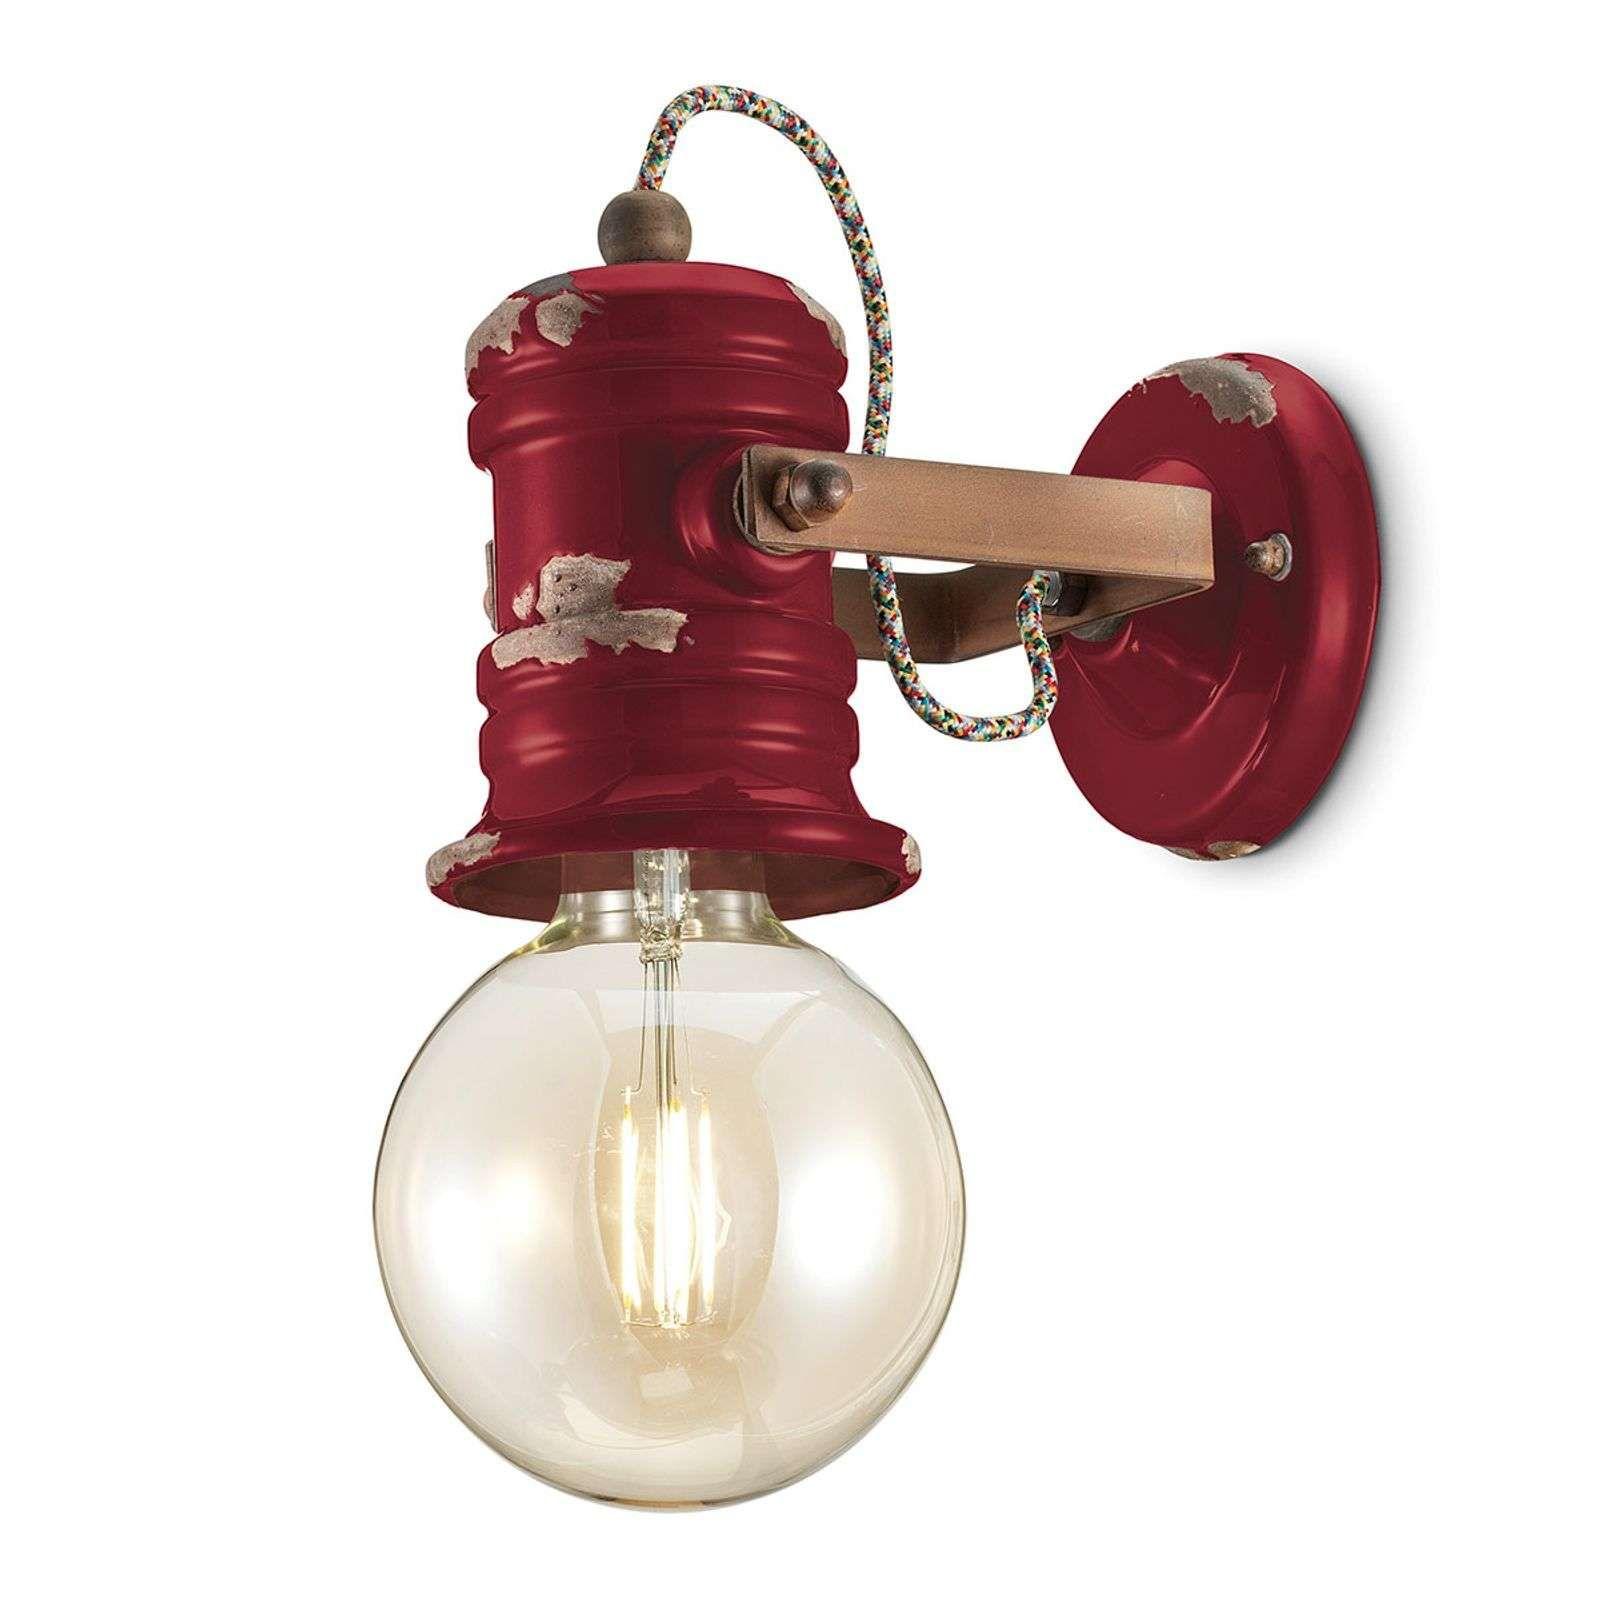 Applique C1843 Au Design Vintage Wandlamp Muurverlichting Vintage